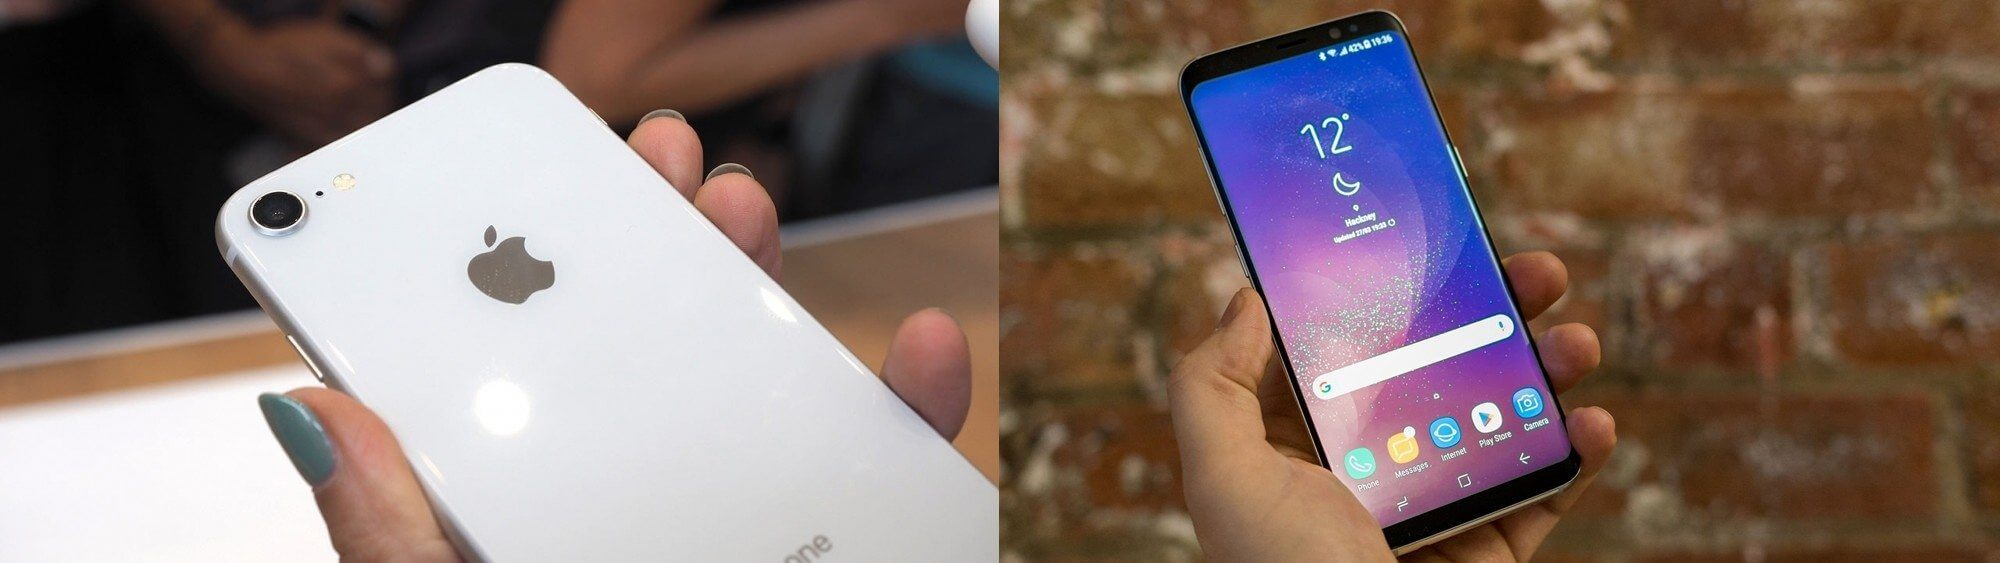 Comparativo: iphone x vs galaxy note 8, iphone 8 vs galaxy s8 e iphone 8 plus vs galaxy s8+. Numa batalha de gigantes, colocamos lado a lado as especificações dos aparelhos top da apple e samsung; eles já estão dividindo o mercado